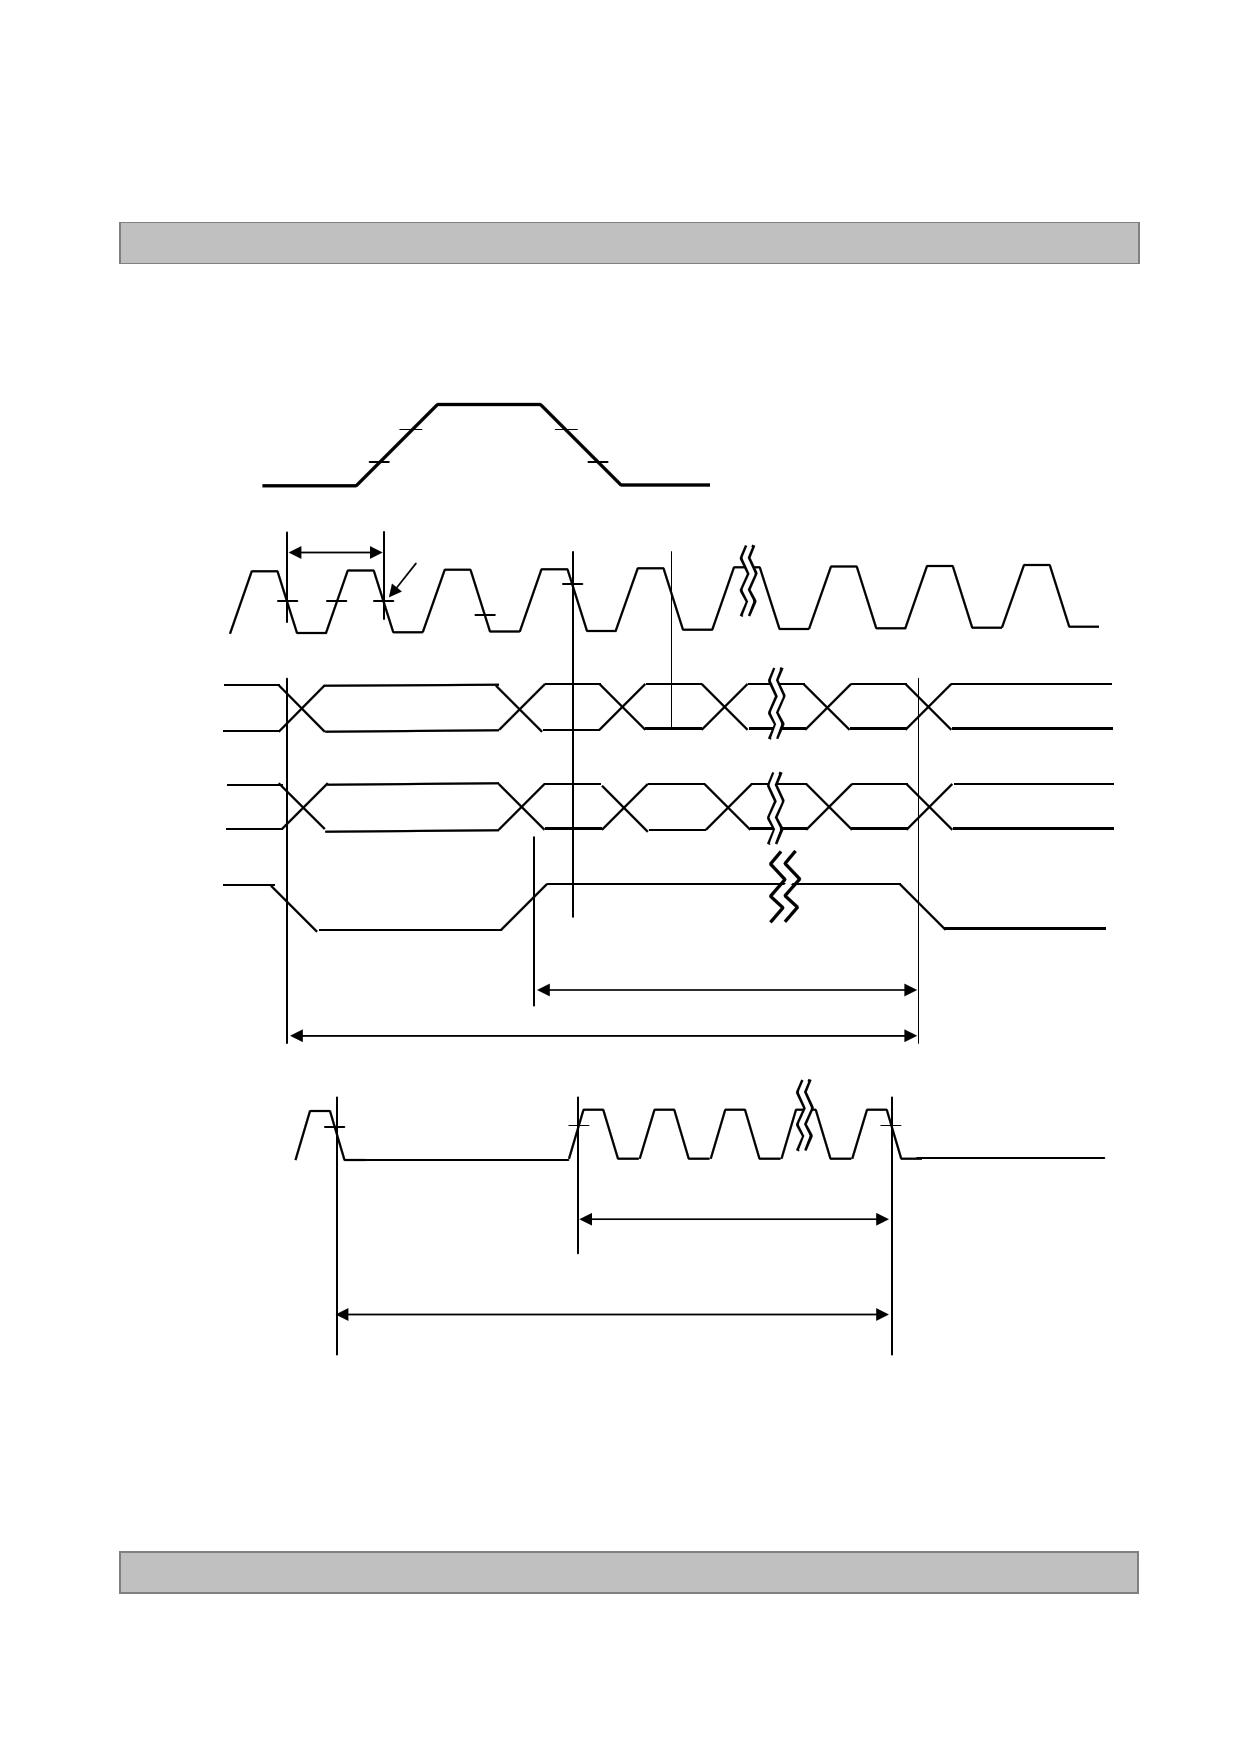 LC320EUN-SFM1 arduino